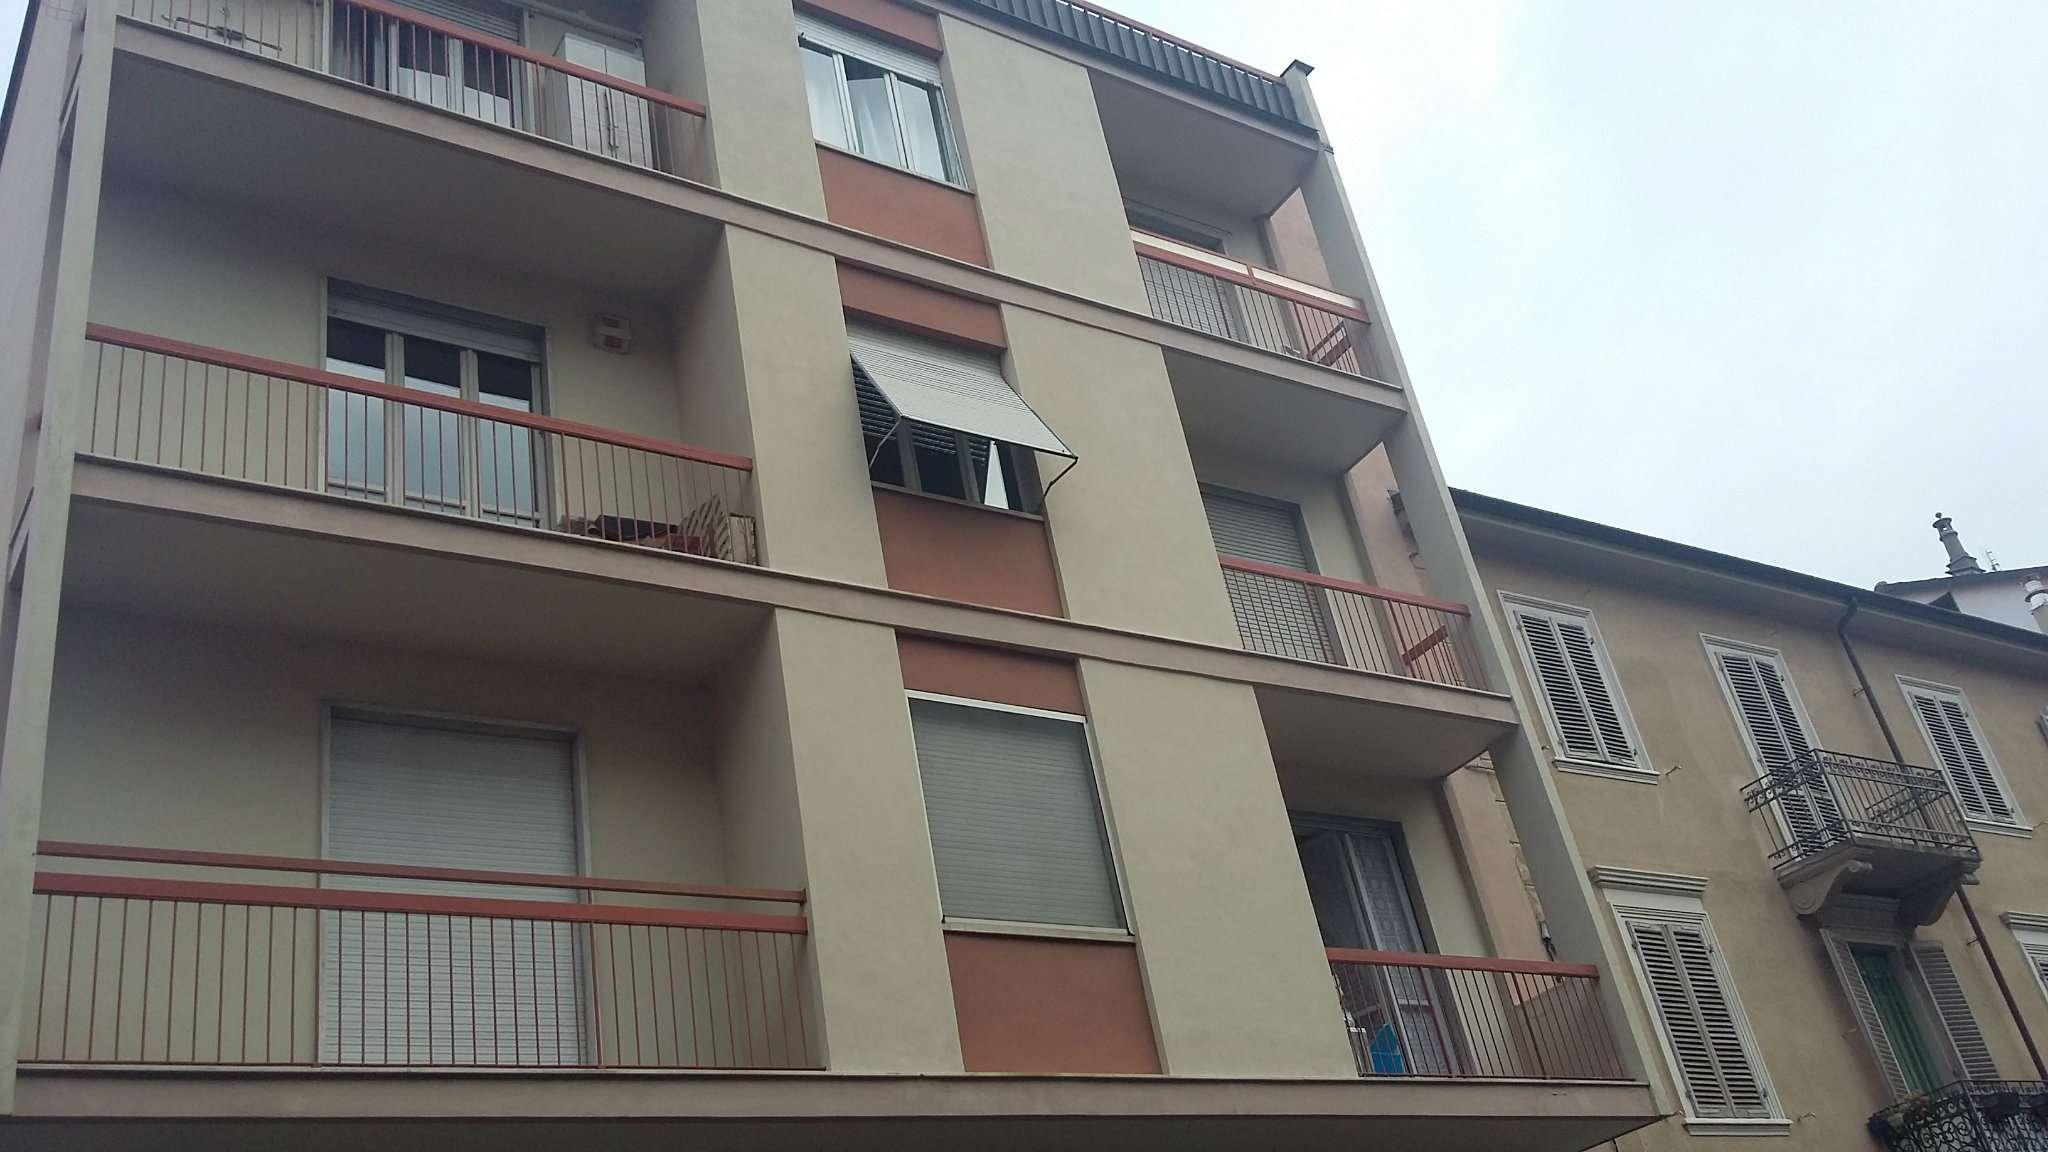 Italia affitti torino a torino casa for Affitti arredati torino